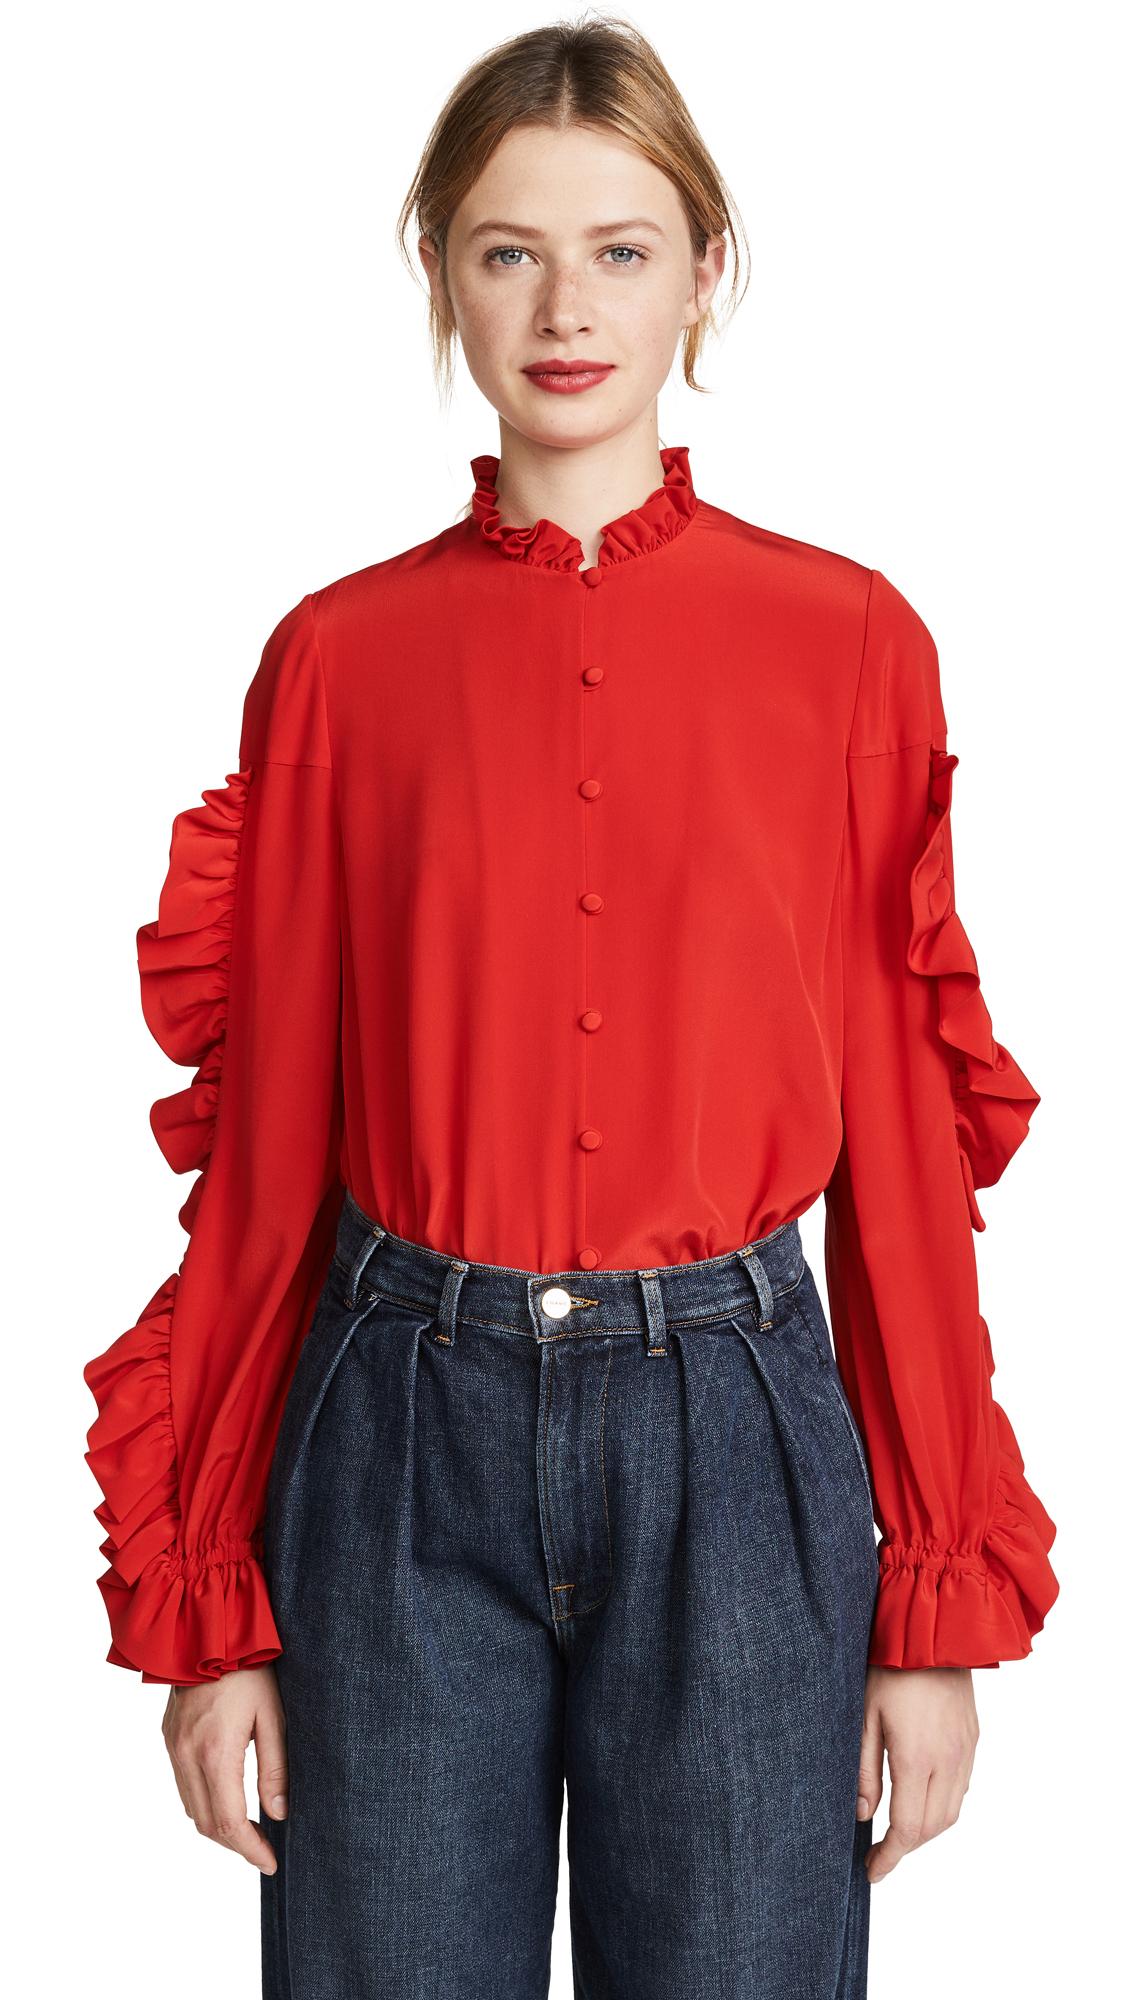 Alexis Rocio Top - Red